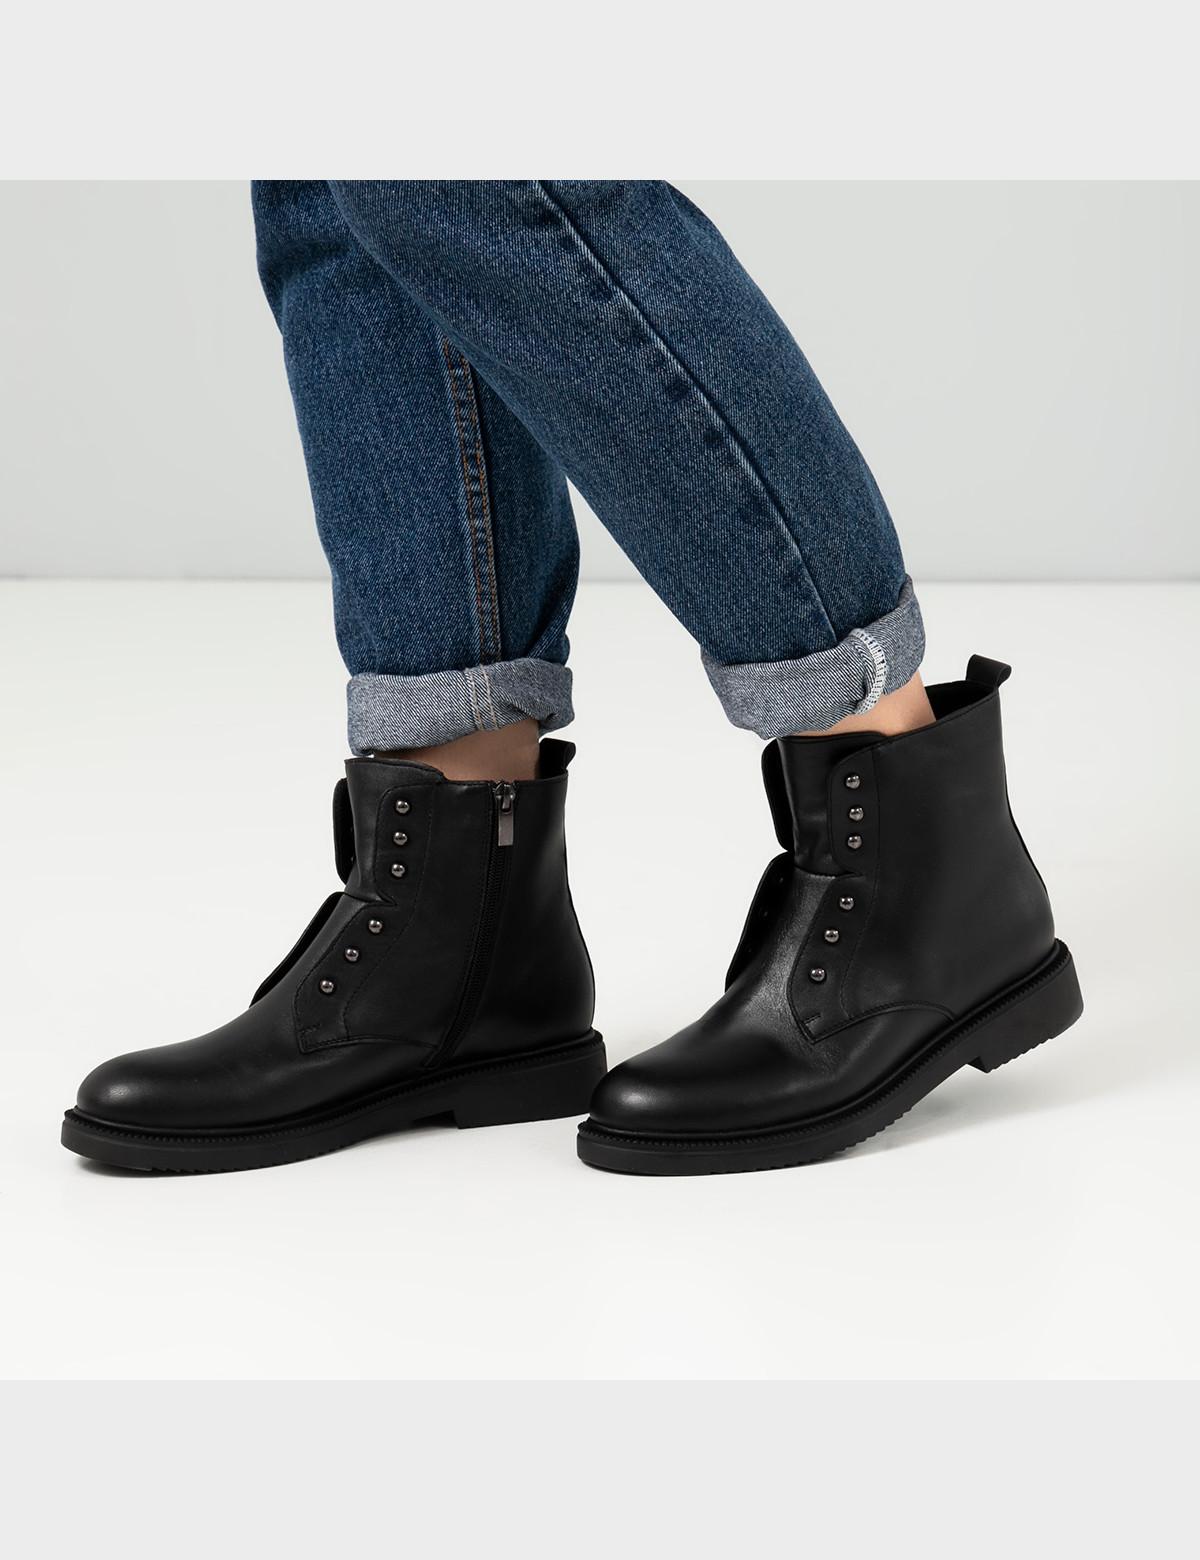 Ботинки черные, натуральная кожа. Шерсть 5